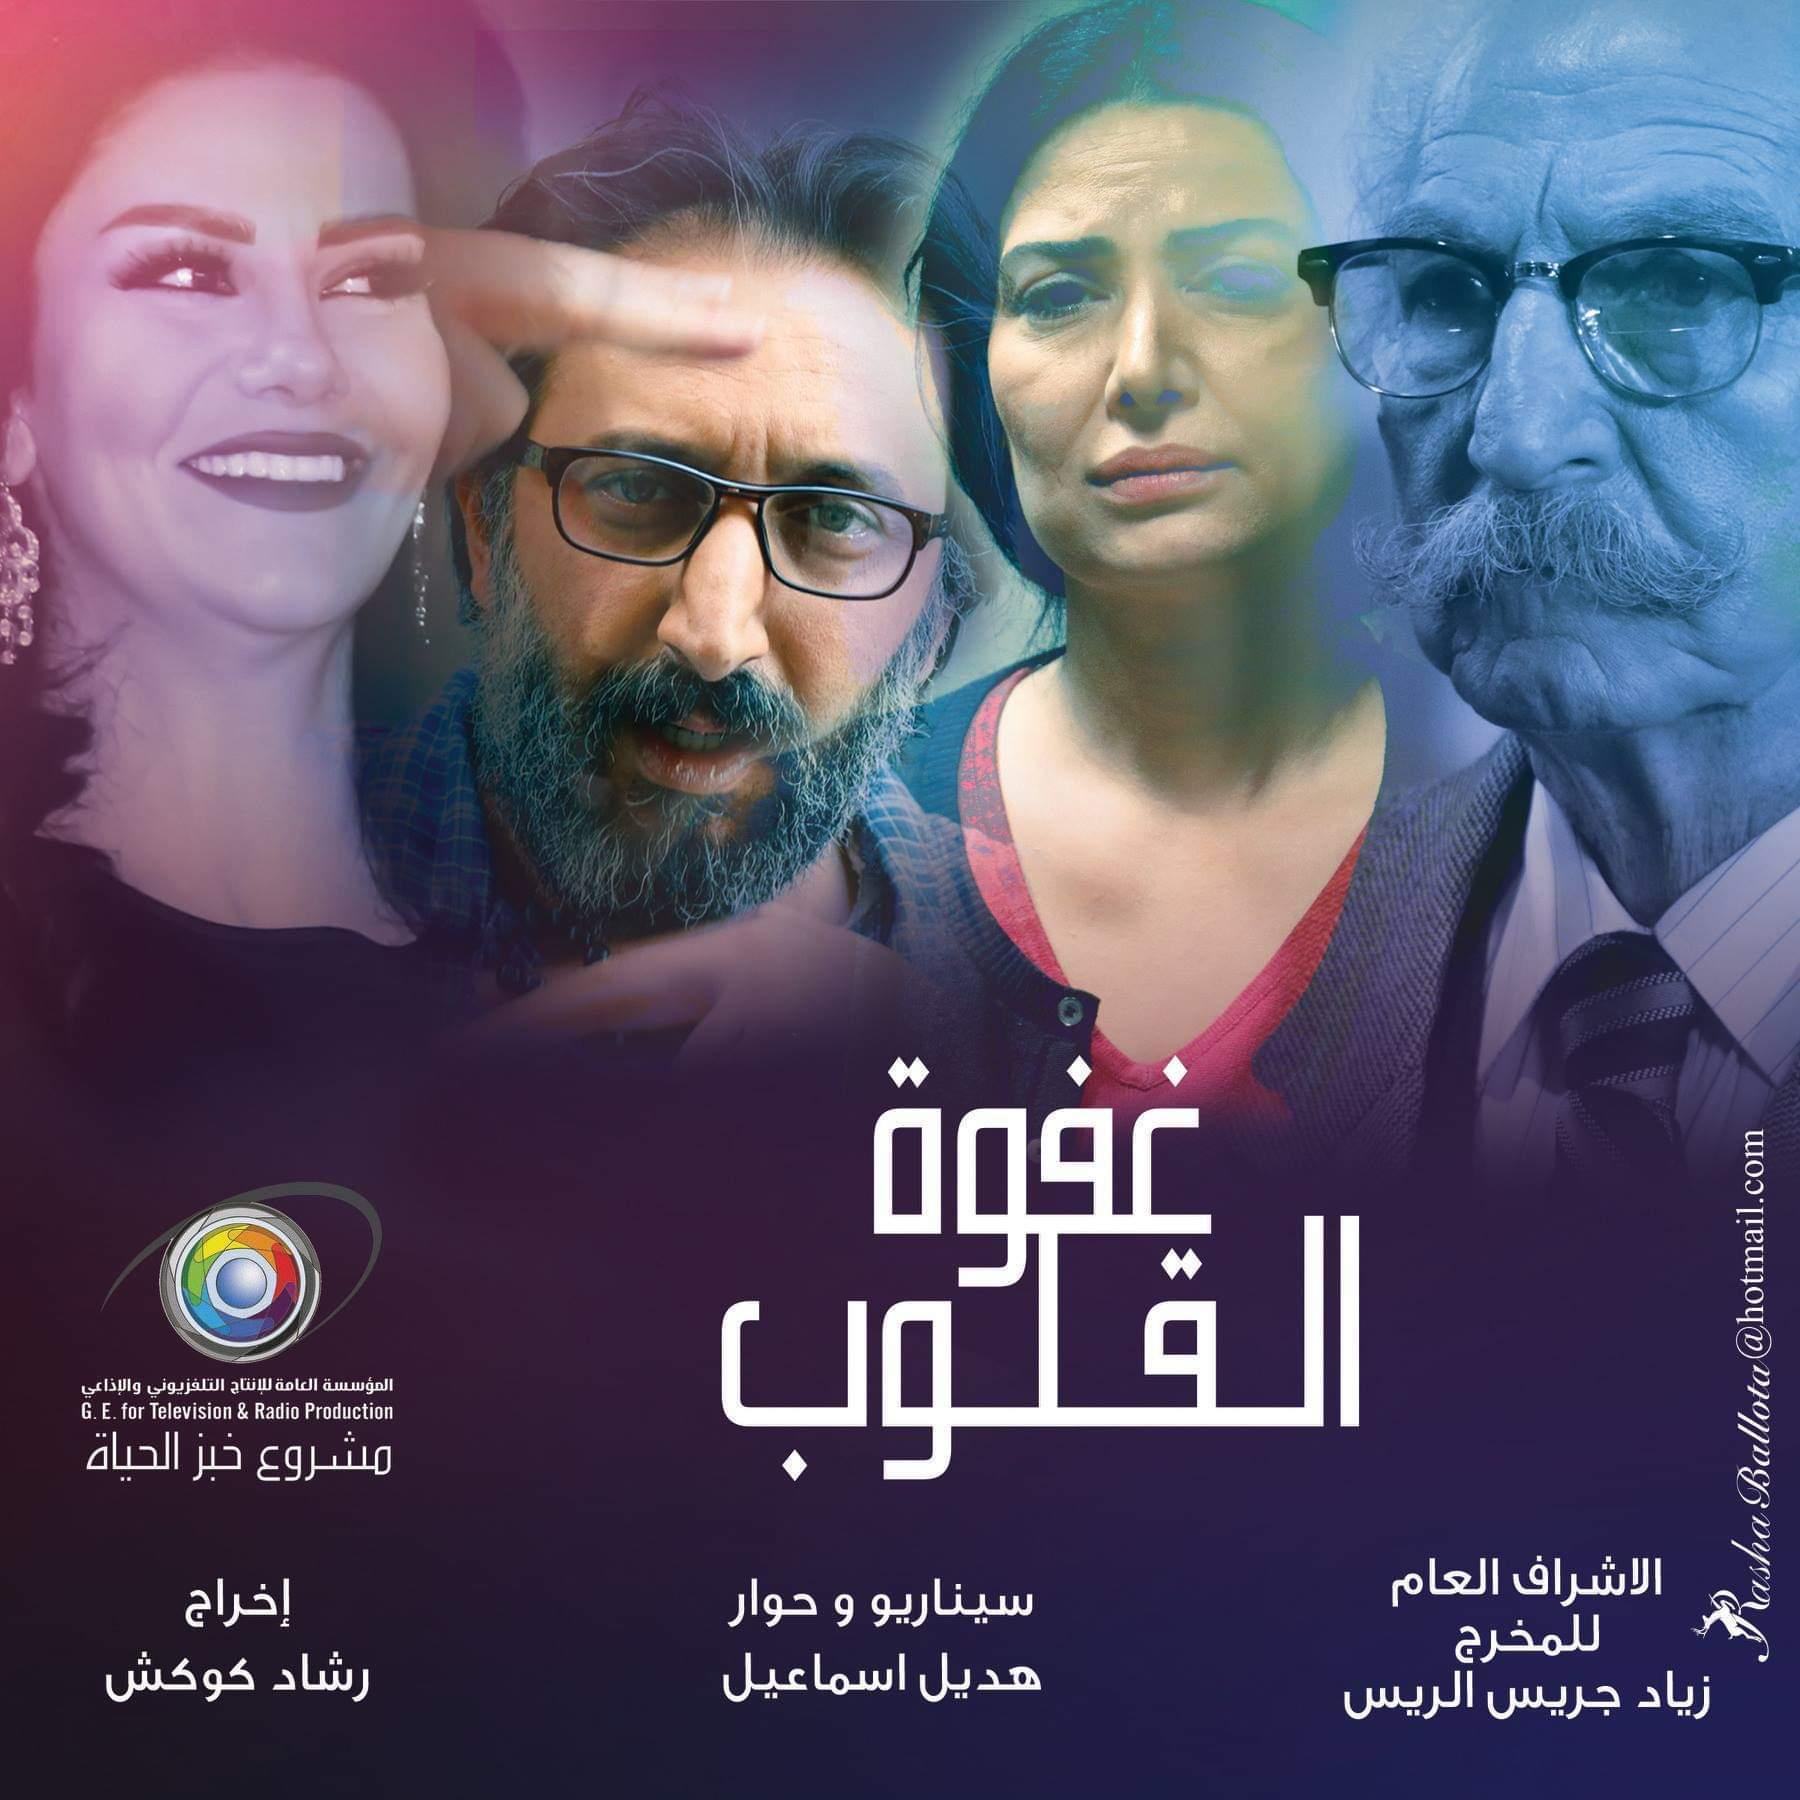 قصة وأحداث مسلسل غفوة القلوب رمضان 2019